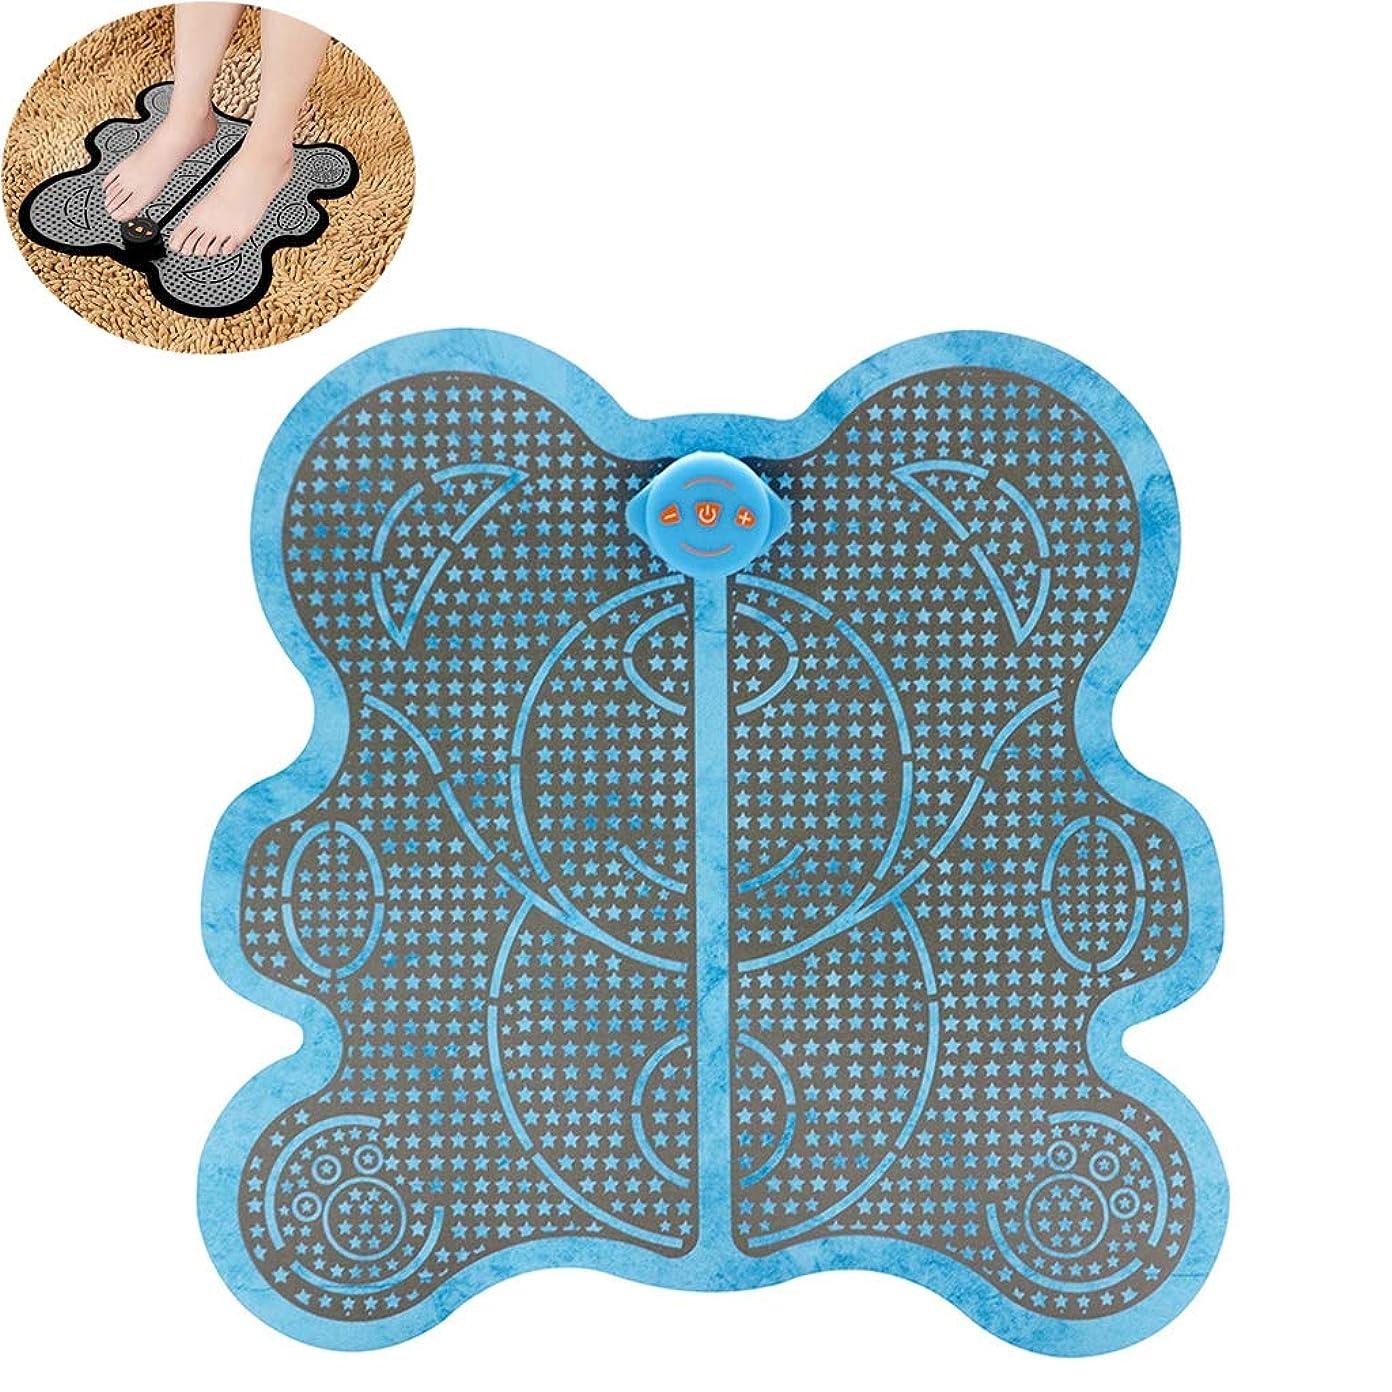 クーポン征服動機付ける足のマッサージャーの低頻度の脈拍EMS足のマッサージのクッションEMS理性的な理学療法のマッサージの器械,Blue